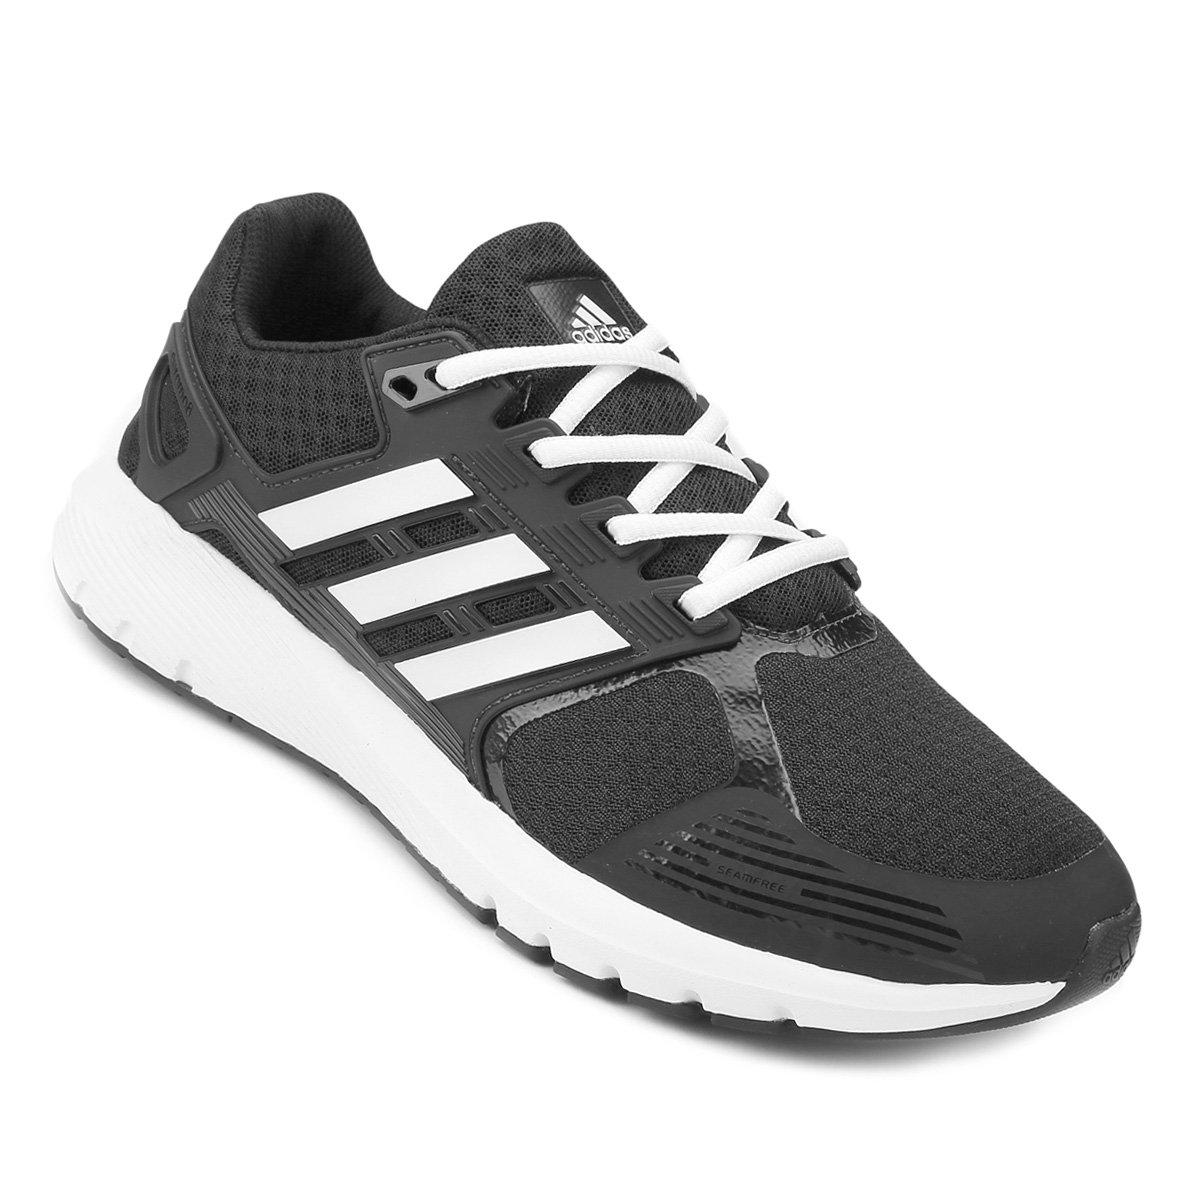 c1601523f60 Tênis Adidas Duramo 8 Masculino - Preto e Chumbo - Compre Agora ...